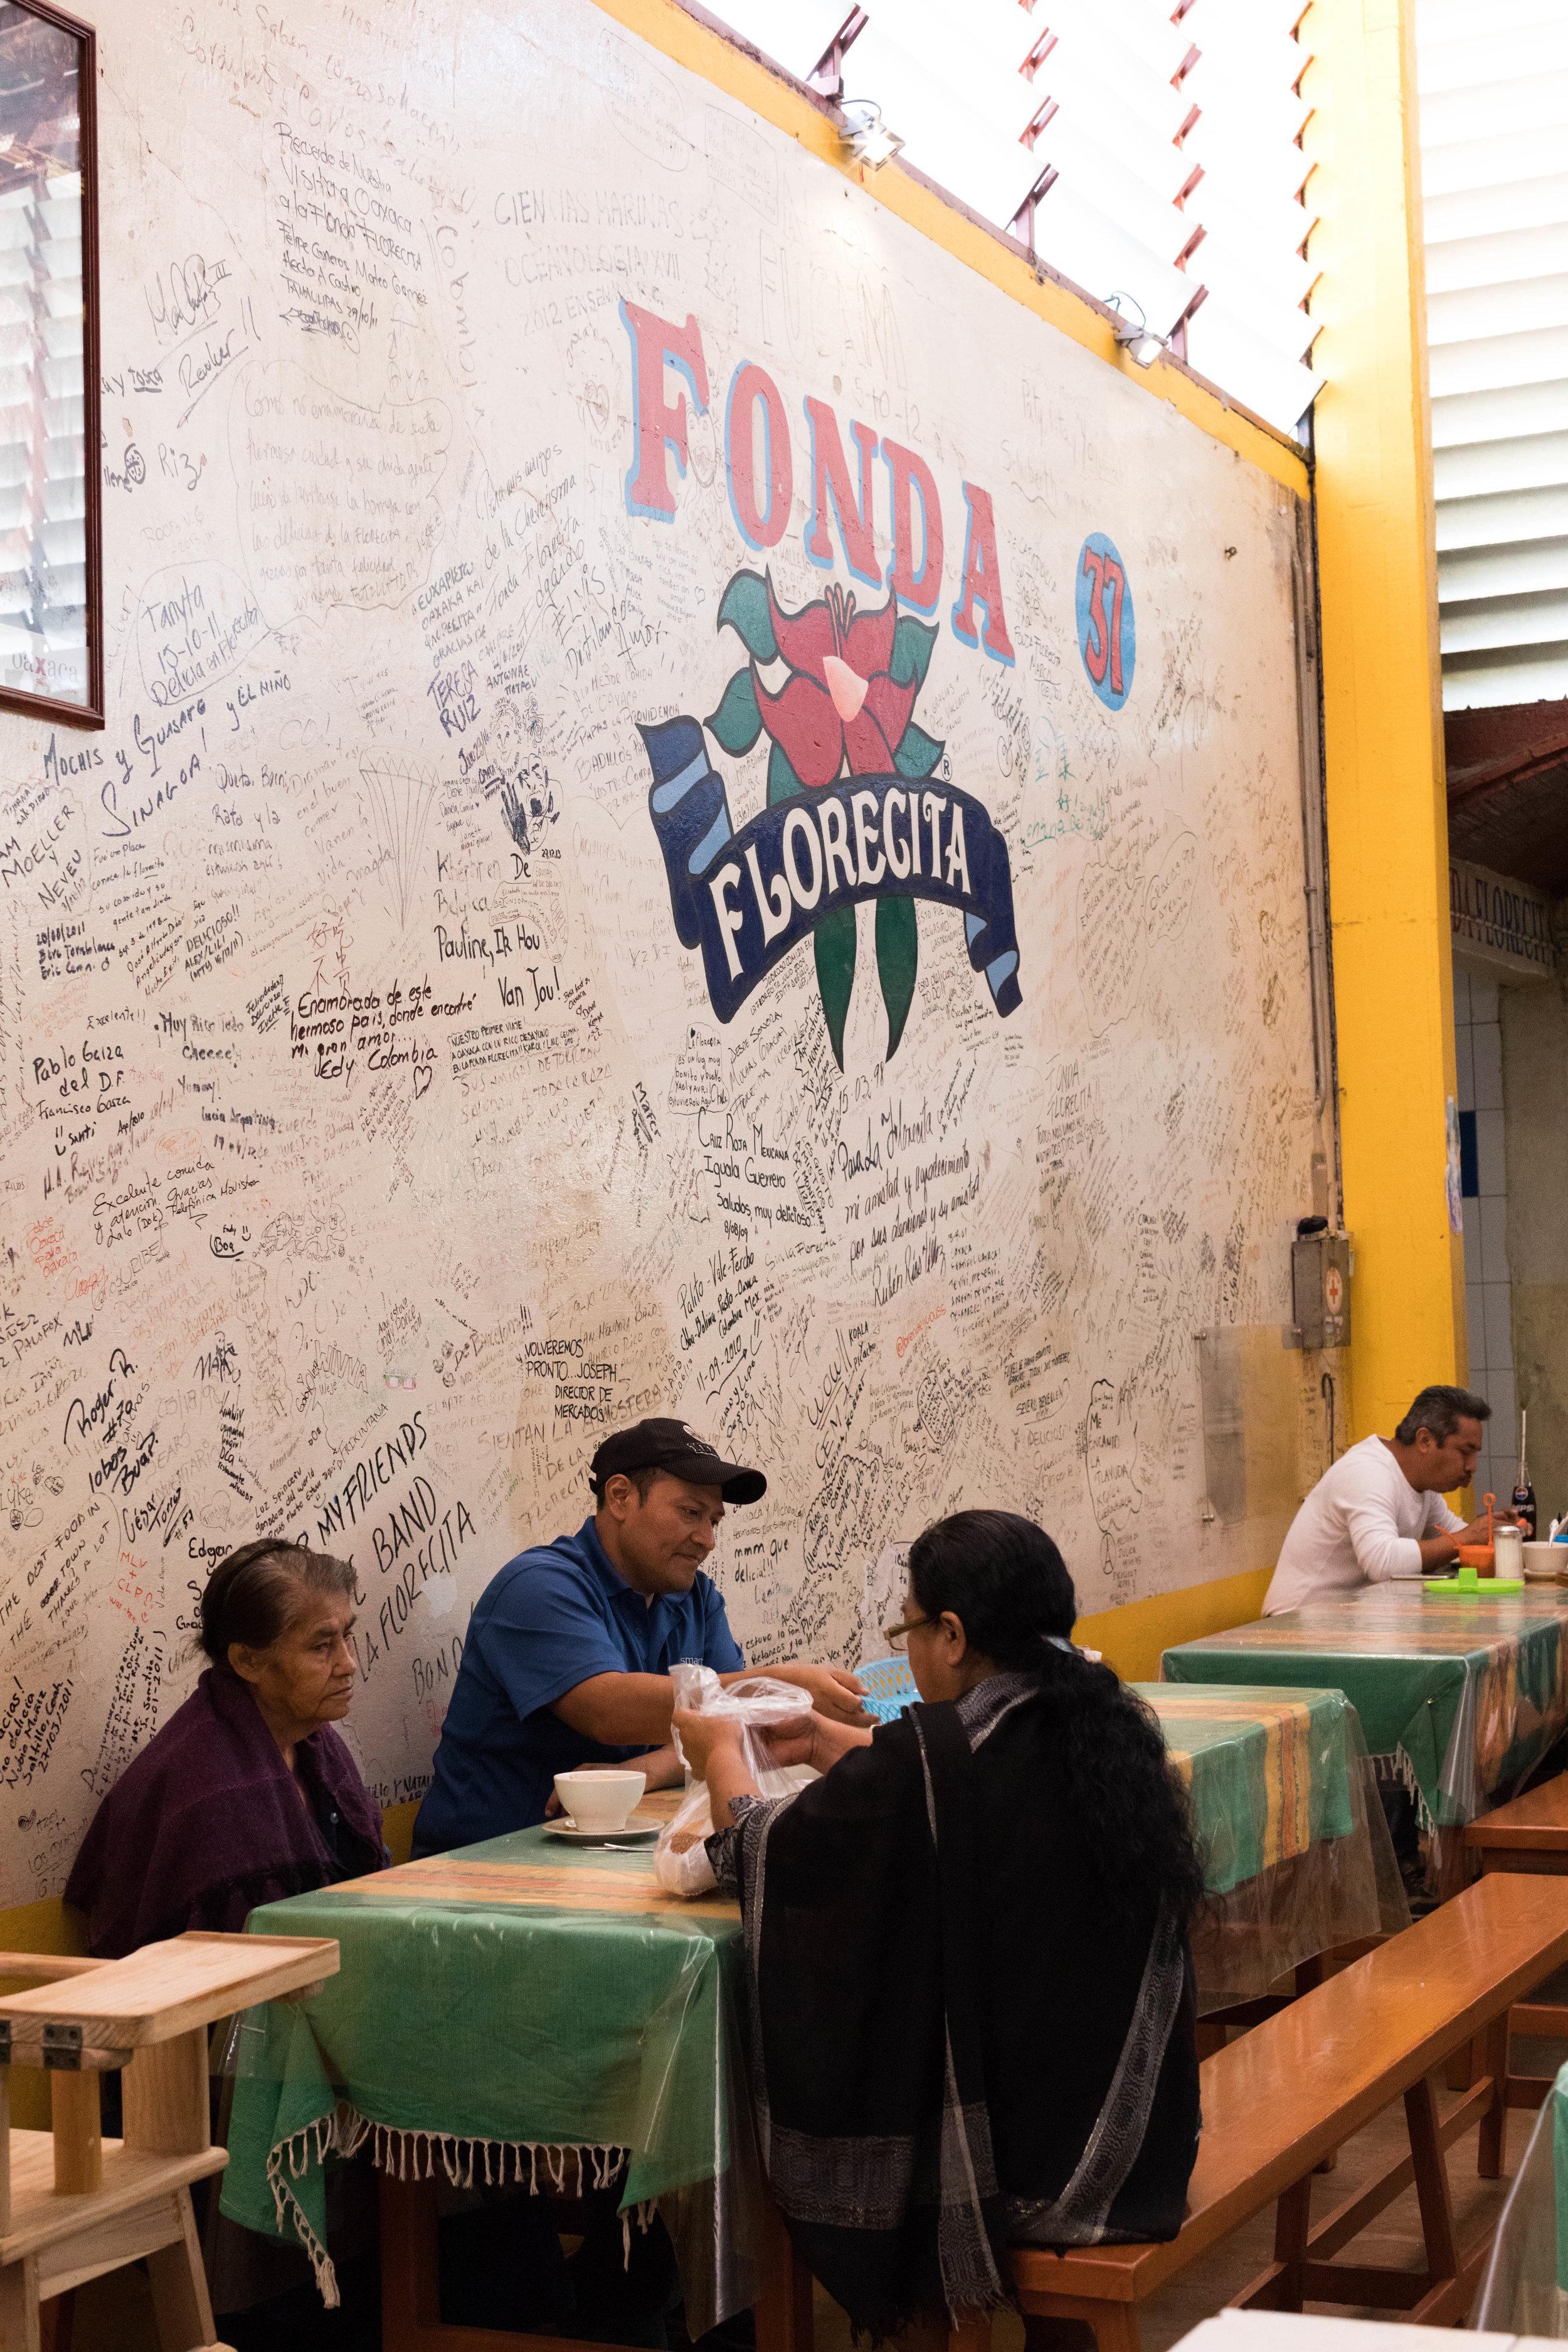 Locals eating at Fonda Florecita